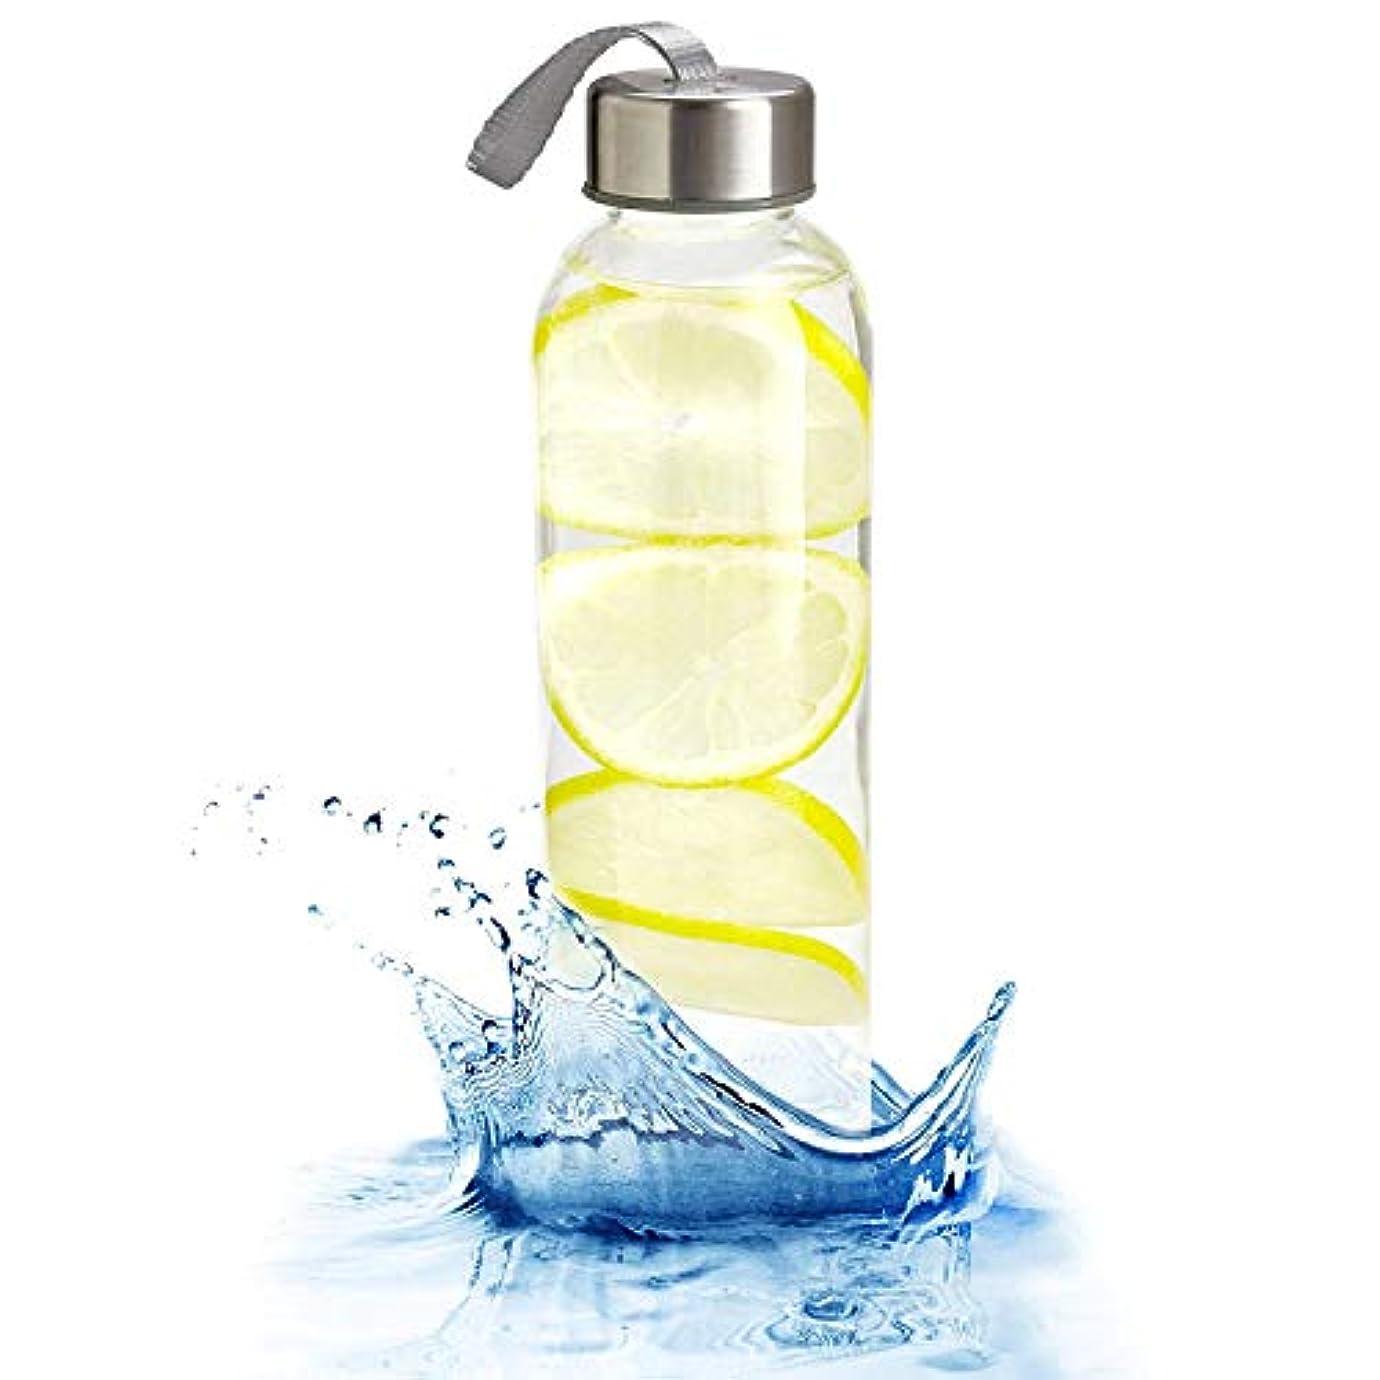 感染する窒息させる金額Kitchen Lux ガラスウォーターボトル 18オンス ナイロン保護スリーブ 密閉ねじ蓋 ポータブルキャリーループ 鉛 ポリ塩化ビニル BPAフリー 水 スムージー ジューサー 飲料用グラス